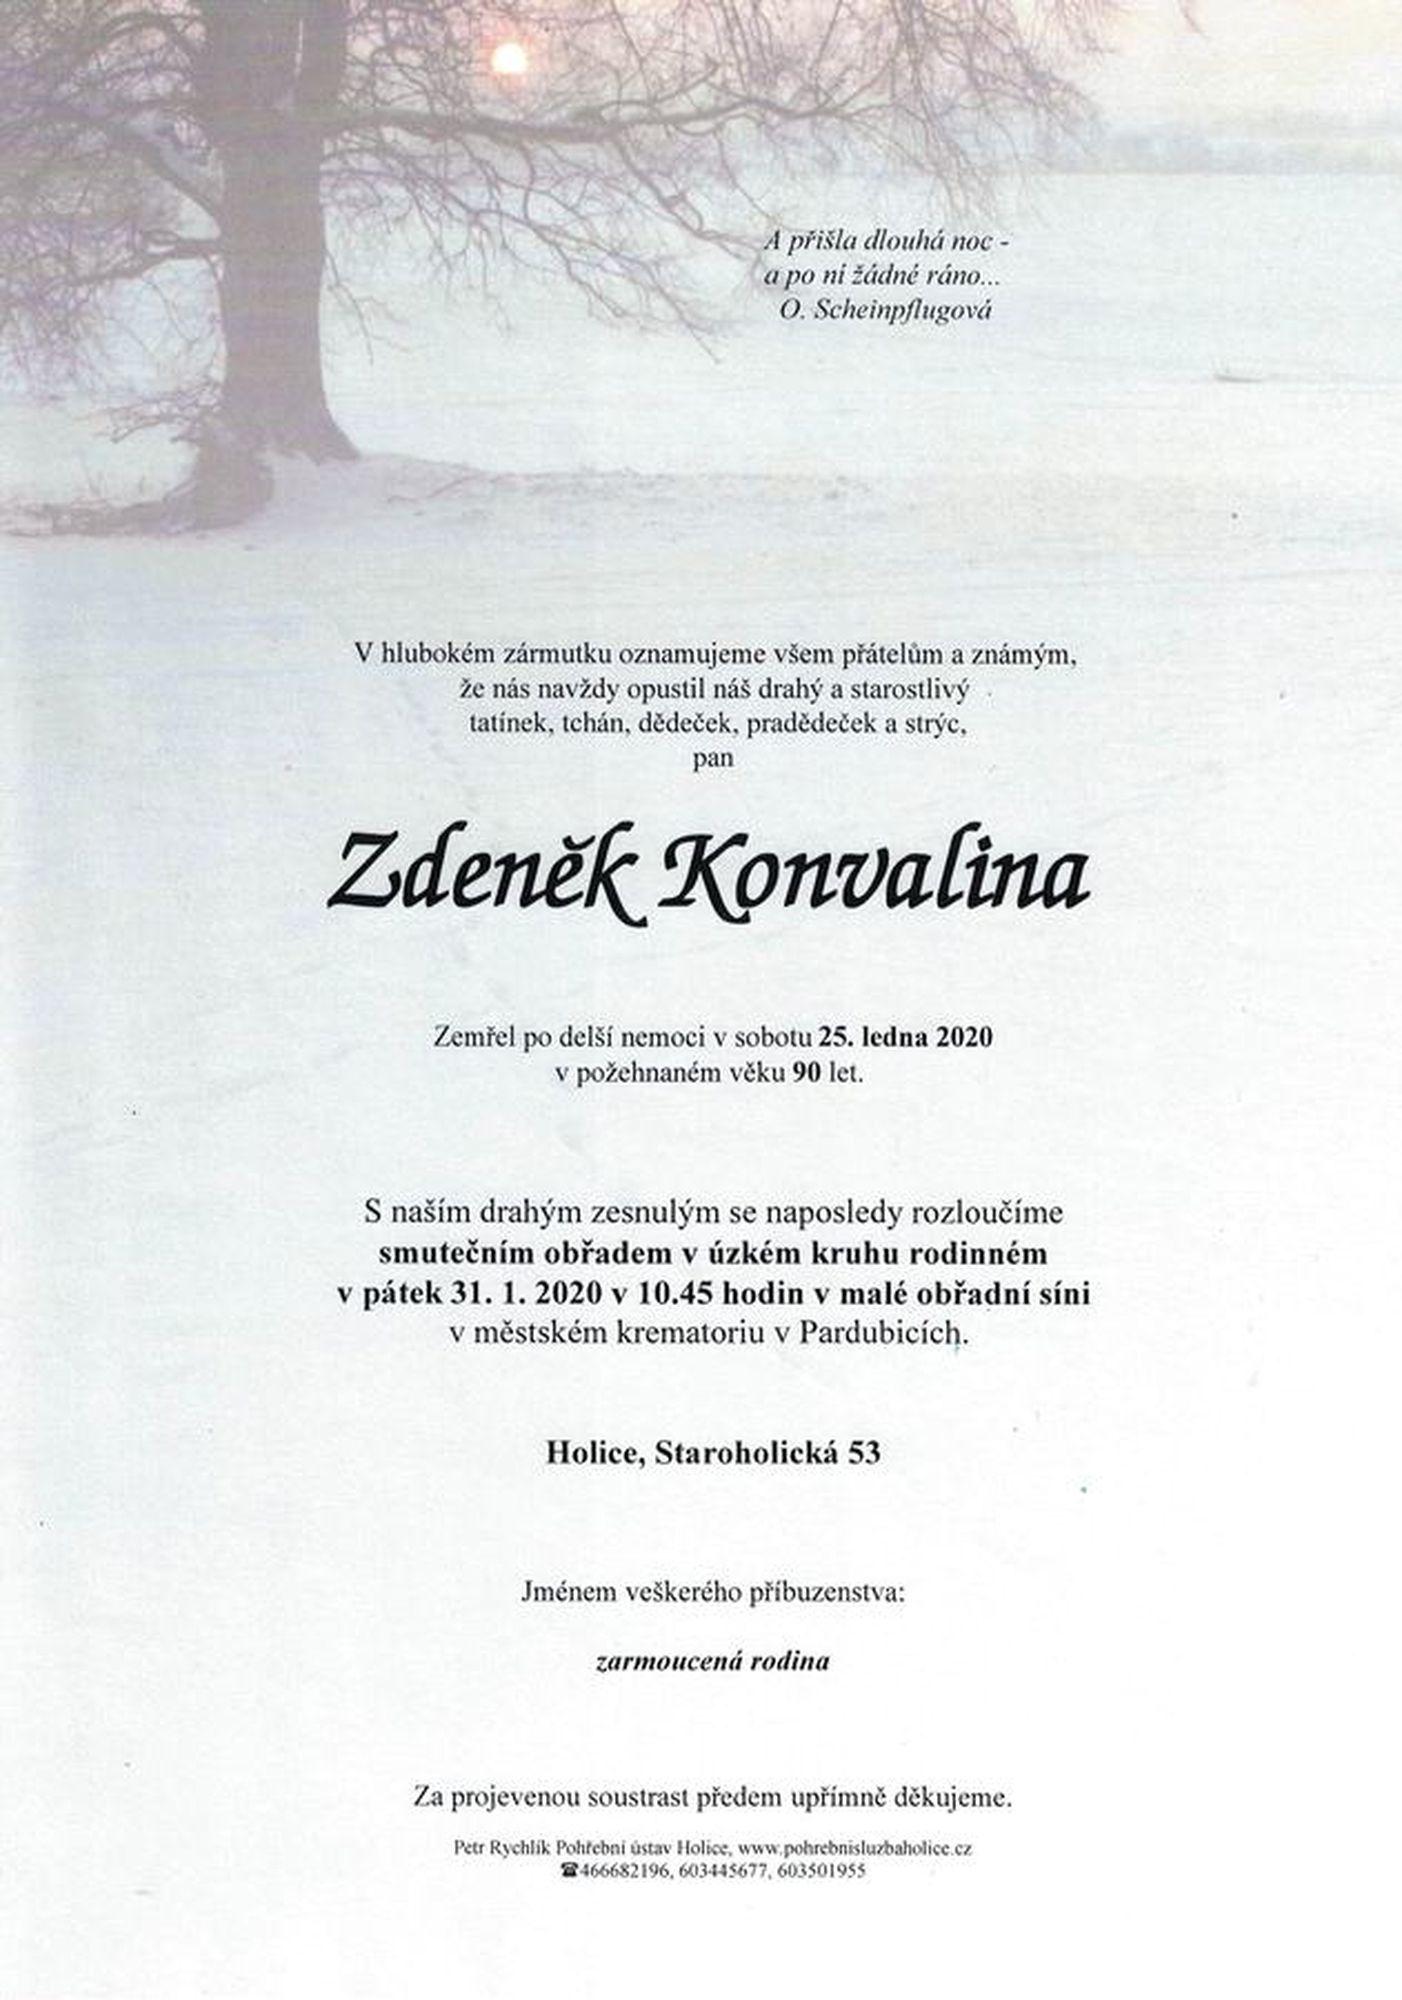 Zdeněk Konvalina